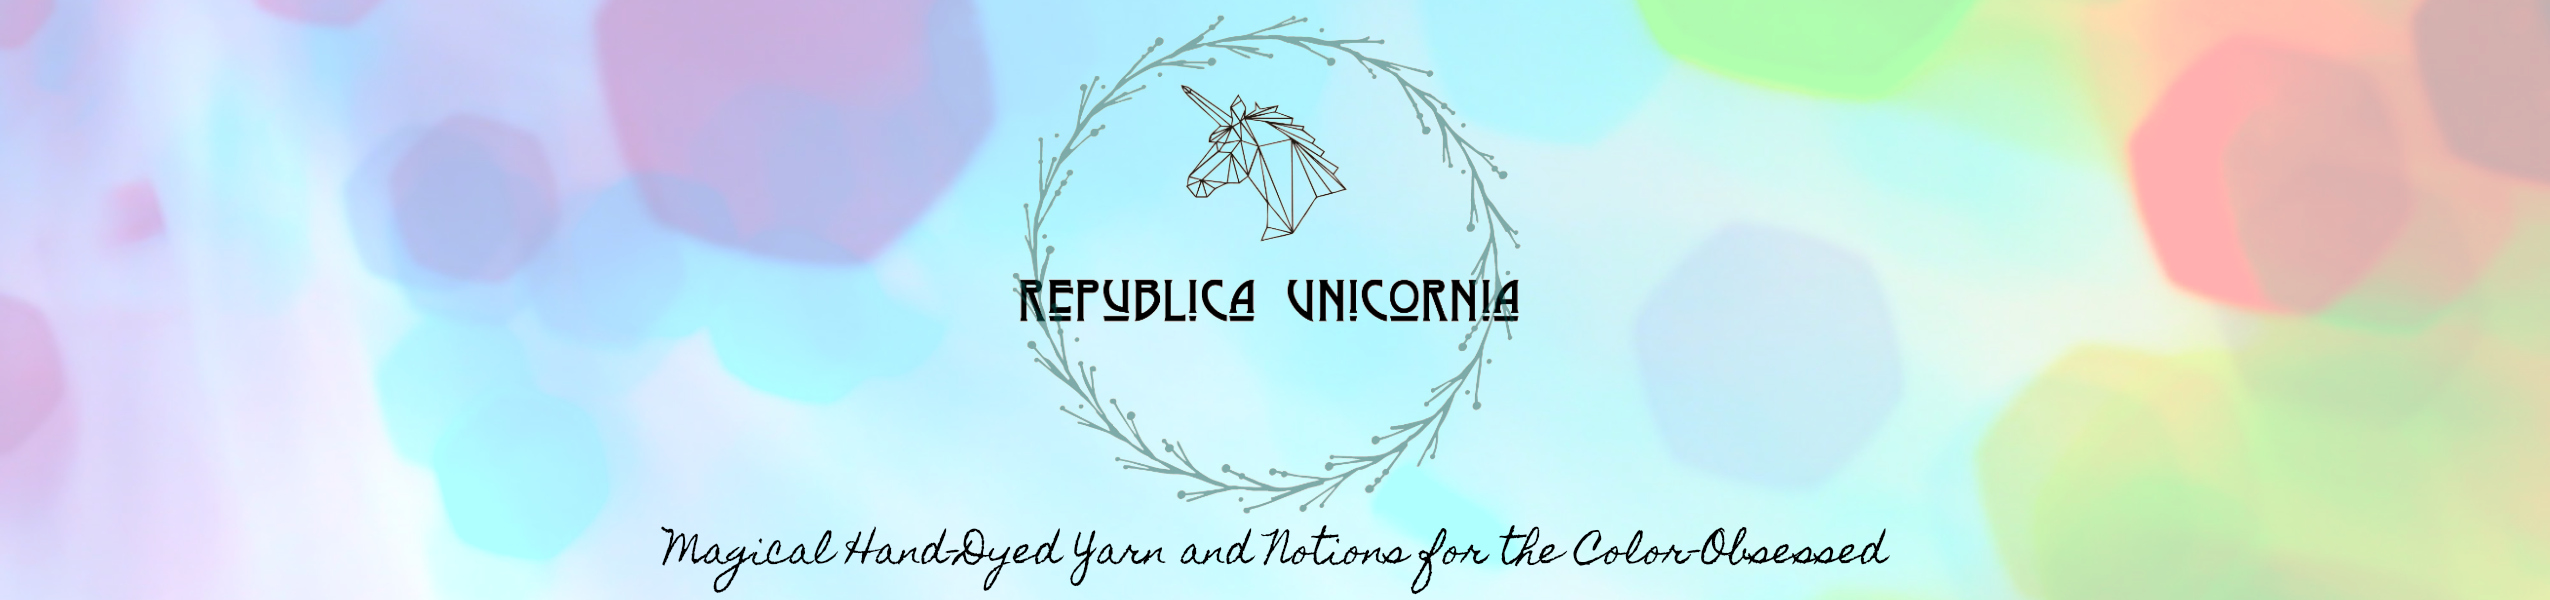 Republica Unicornia